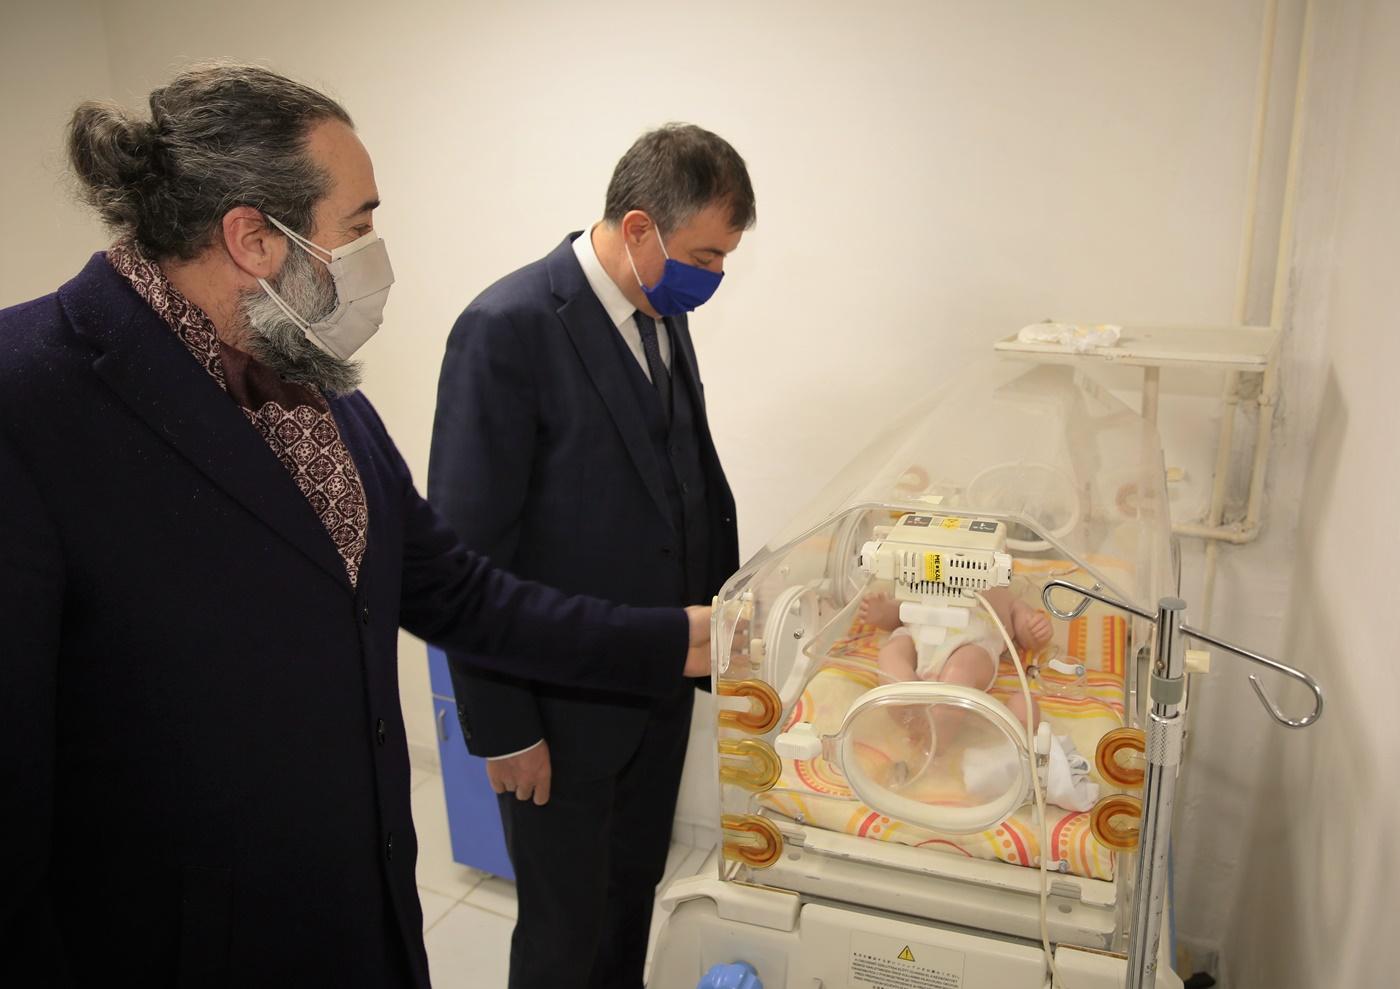 Çakü Sağlık Halkasının Yeni Yıldızı Diş Hekimliği Fakültesi